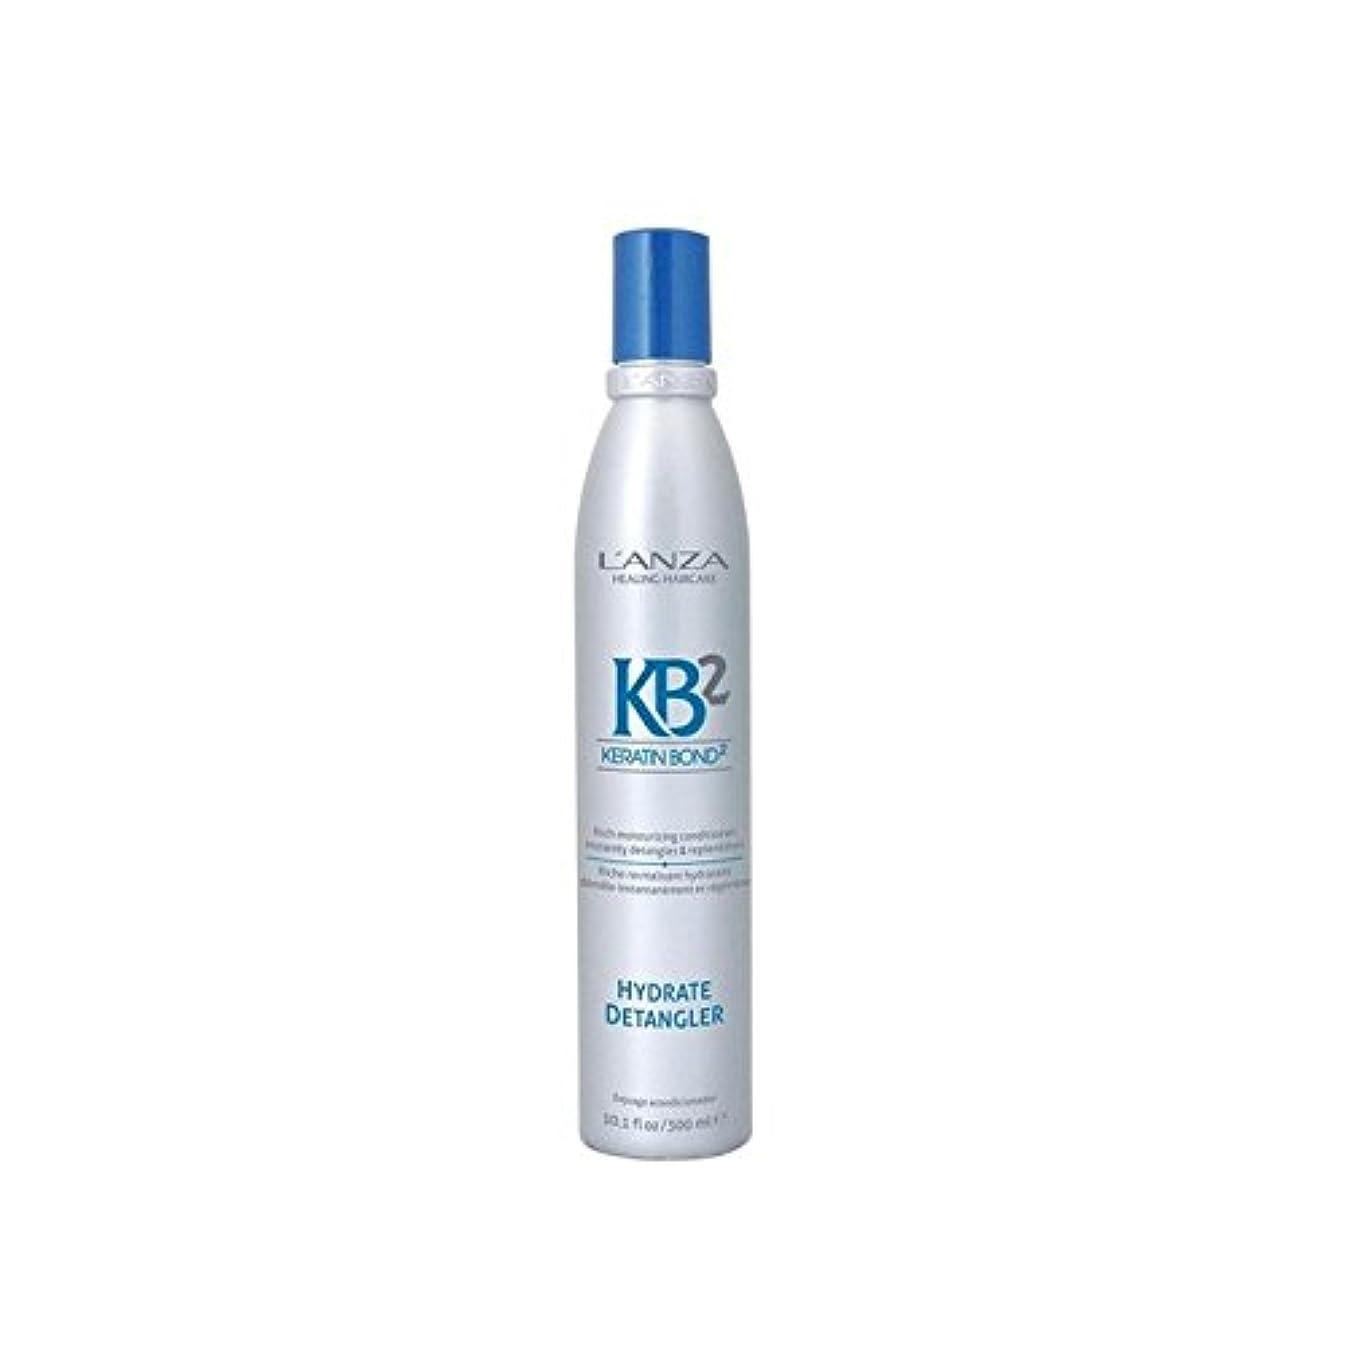 アラーム多分シーボードL'Anza Kb2 Hydrate Detangler (300ml) - アンザ2和物(300ミリリットル) [並行輸入品]